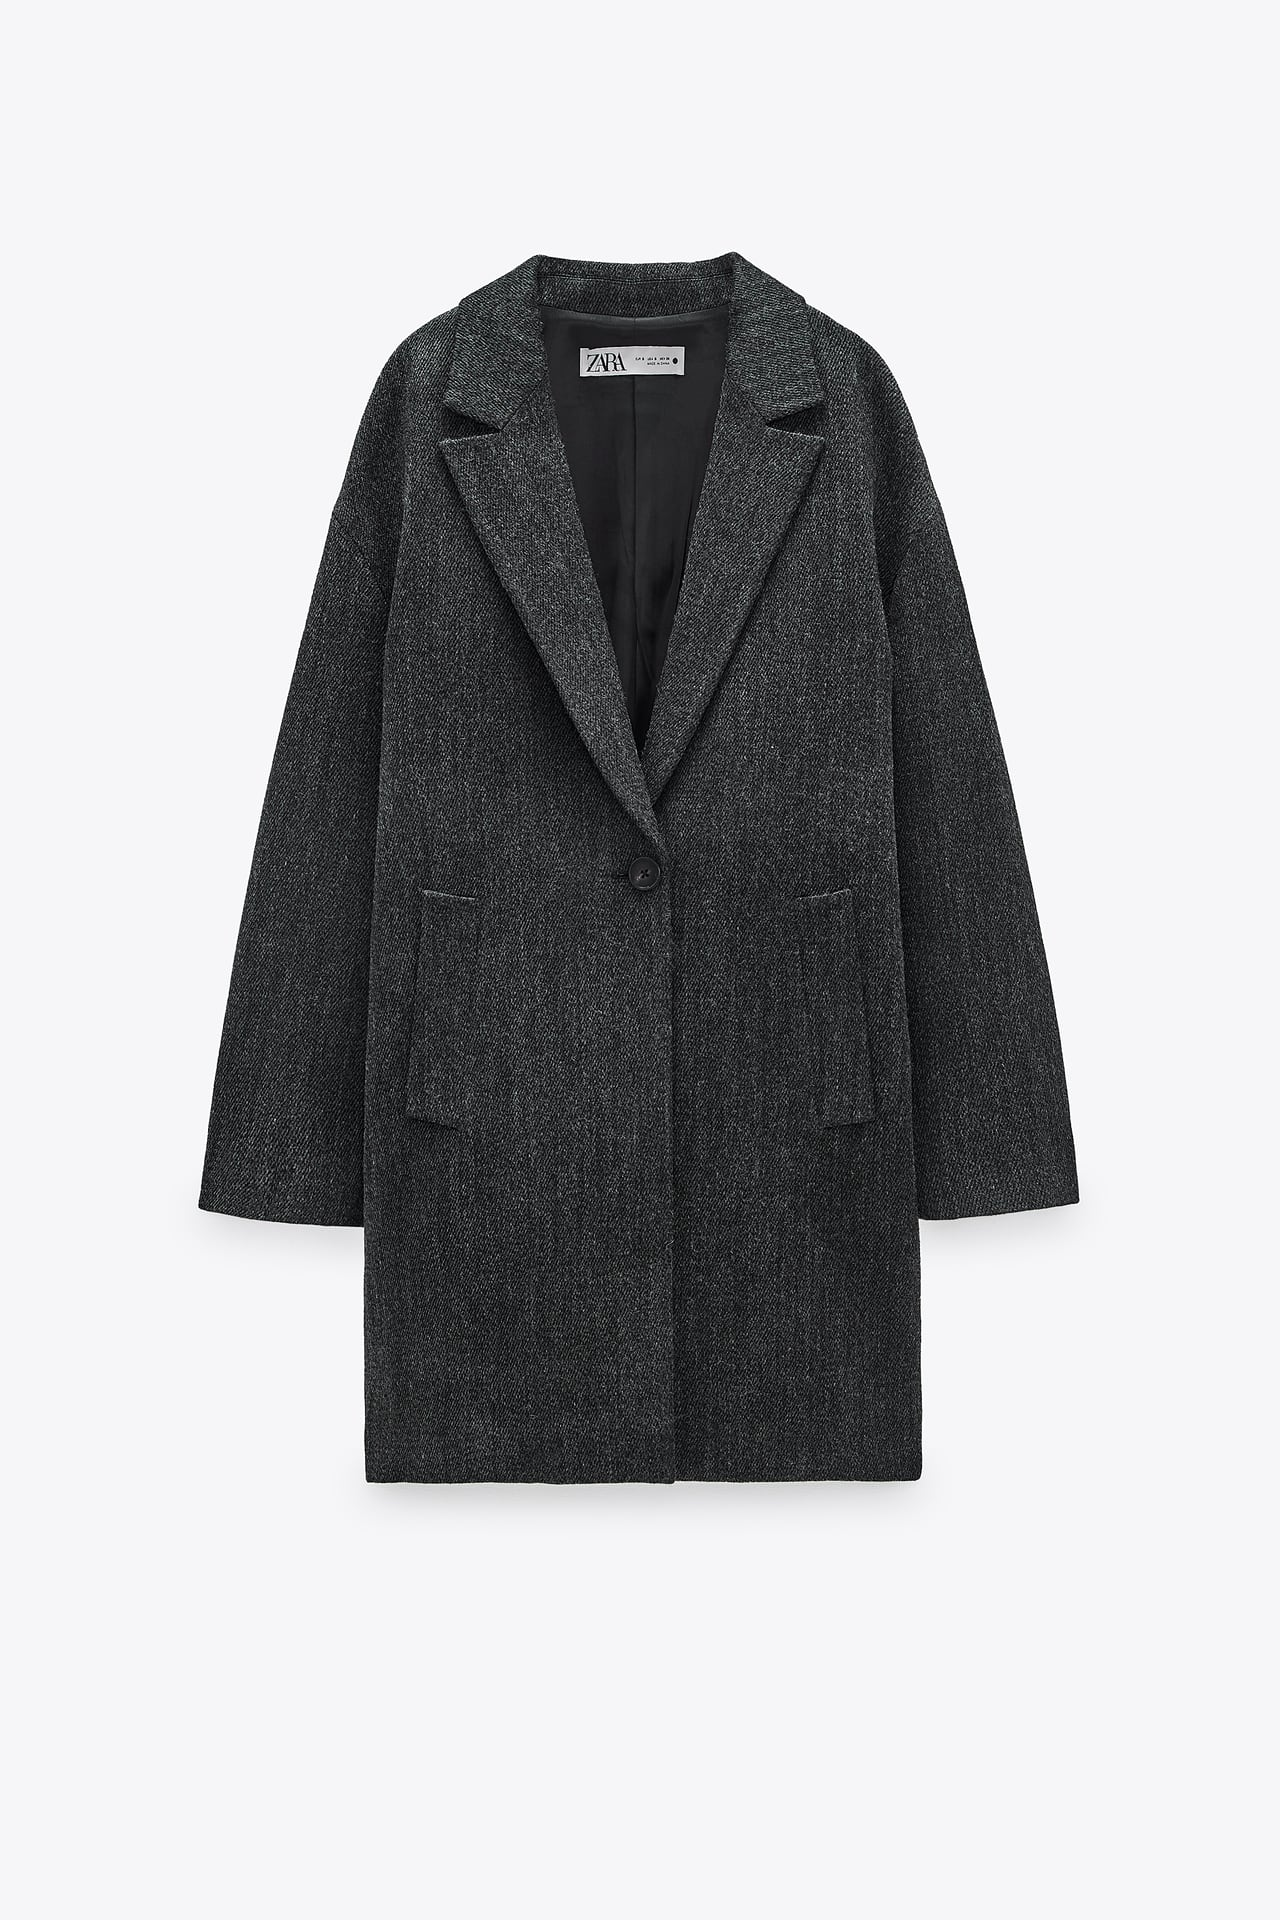 Las mejores ofertas de Zara para el Black Friday